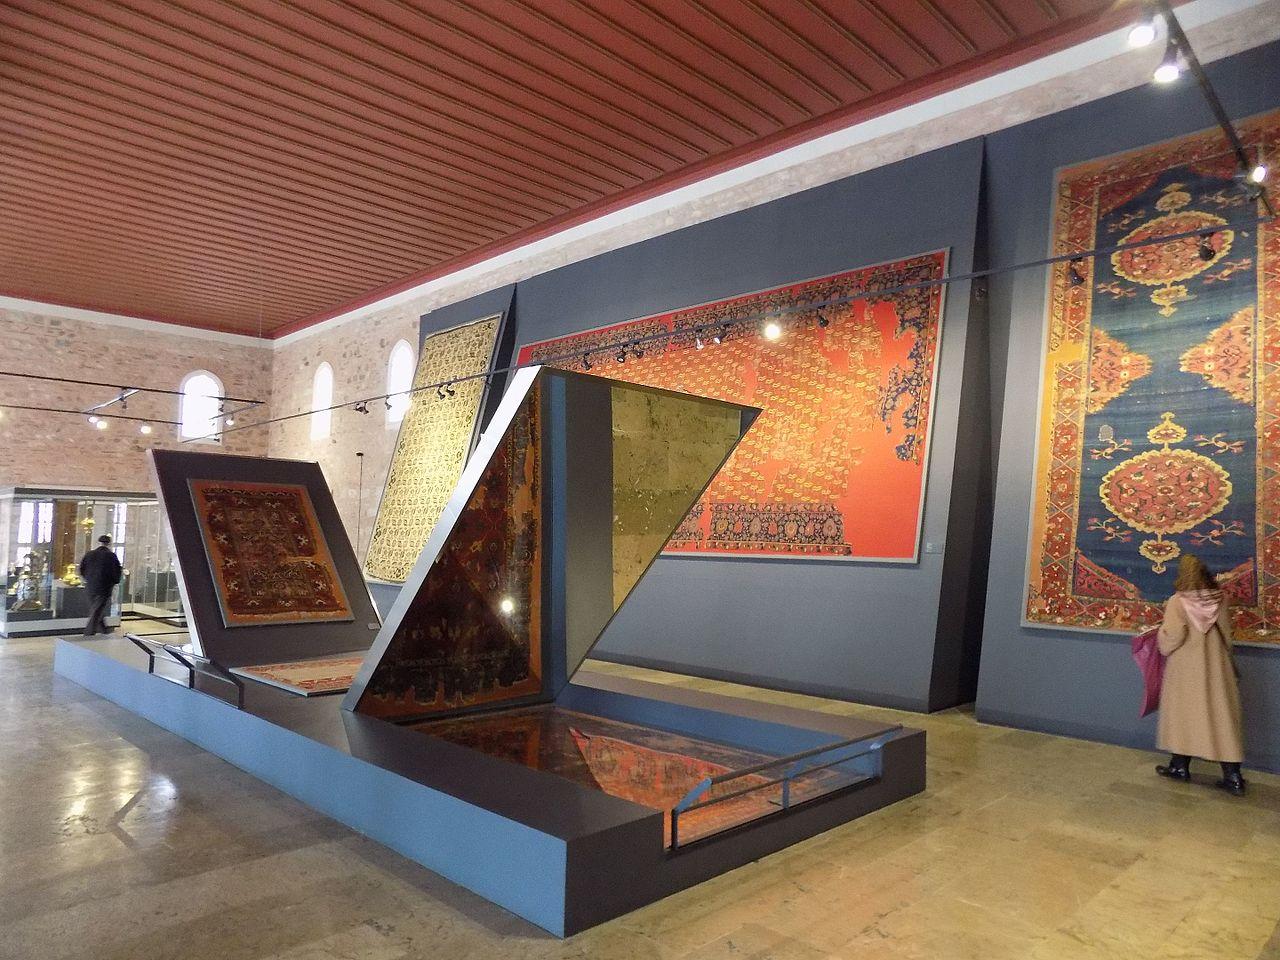 Музей турецкого и исламского искусства, коллекция ковров